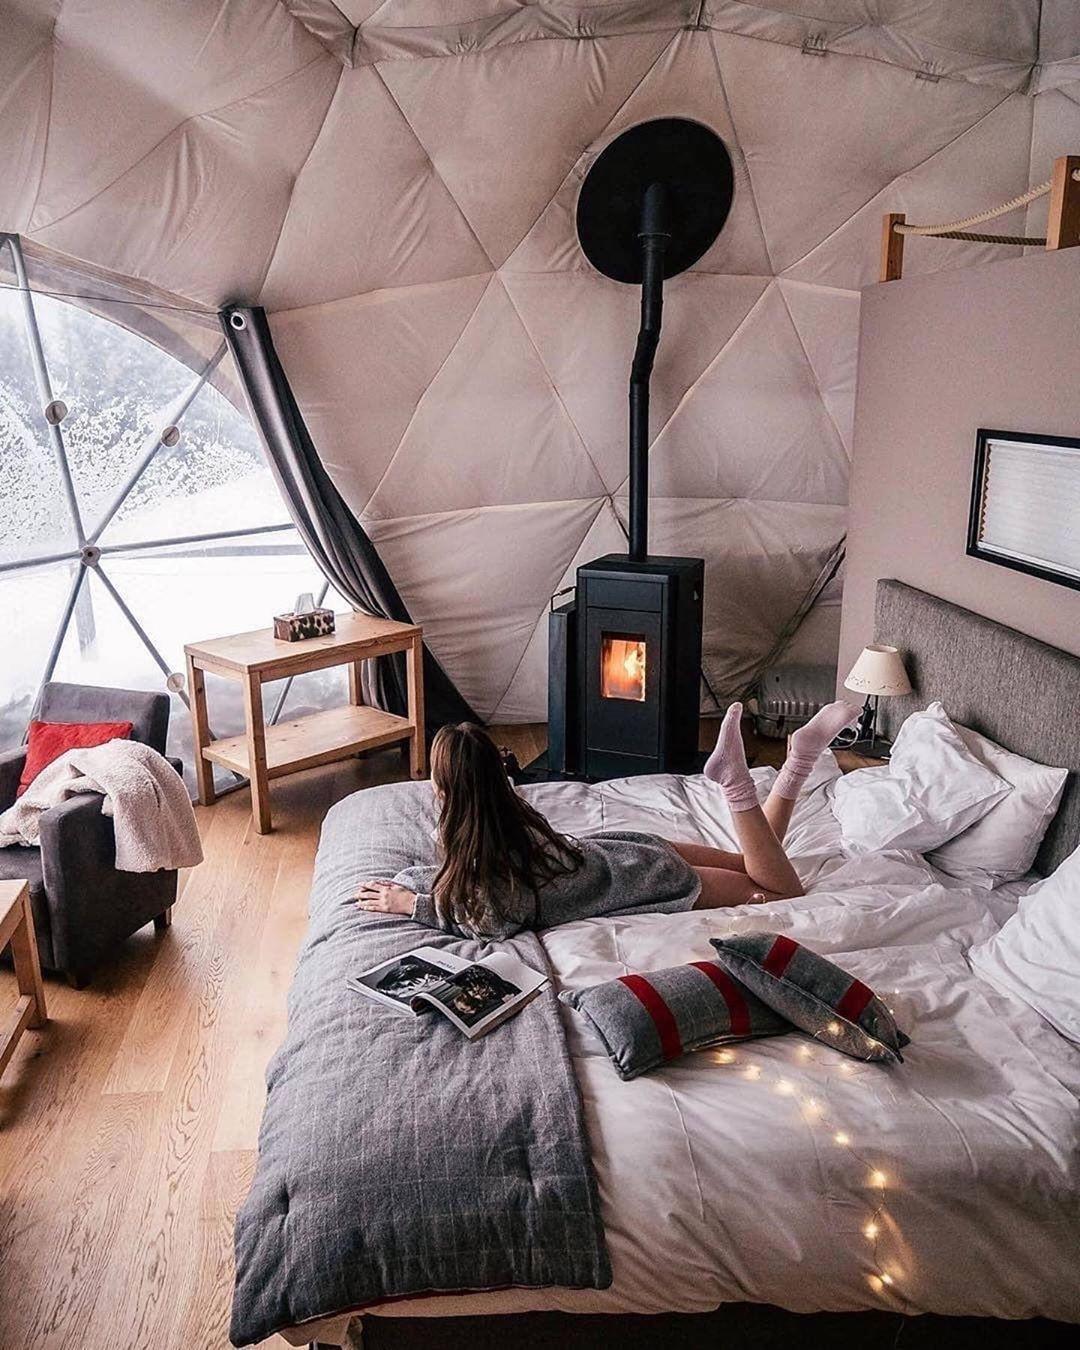 48 Small Cabin Decorating Ideas,Rustic Cabin Decor,diy cabin decor ideas